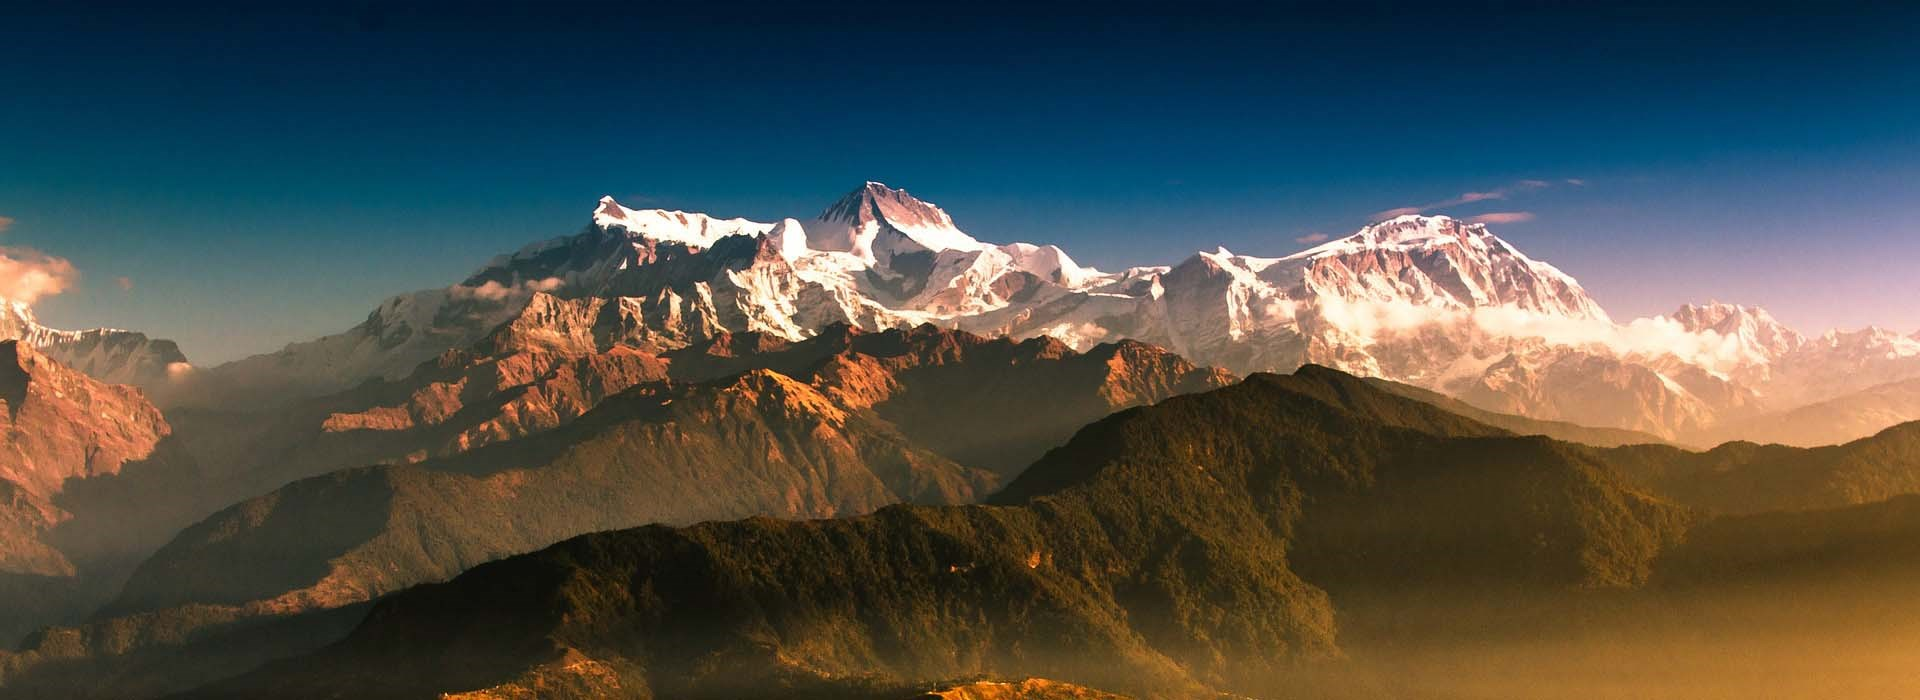 népalais sites de rencontre